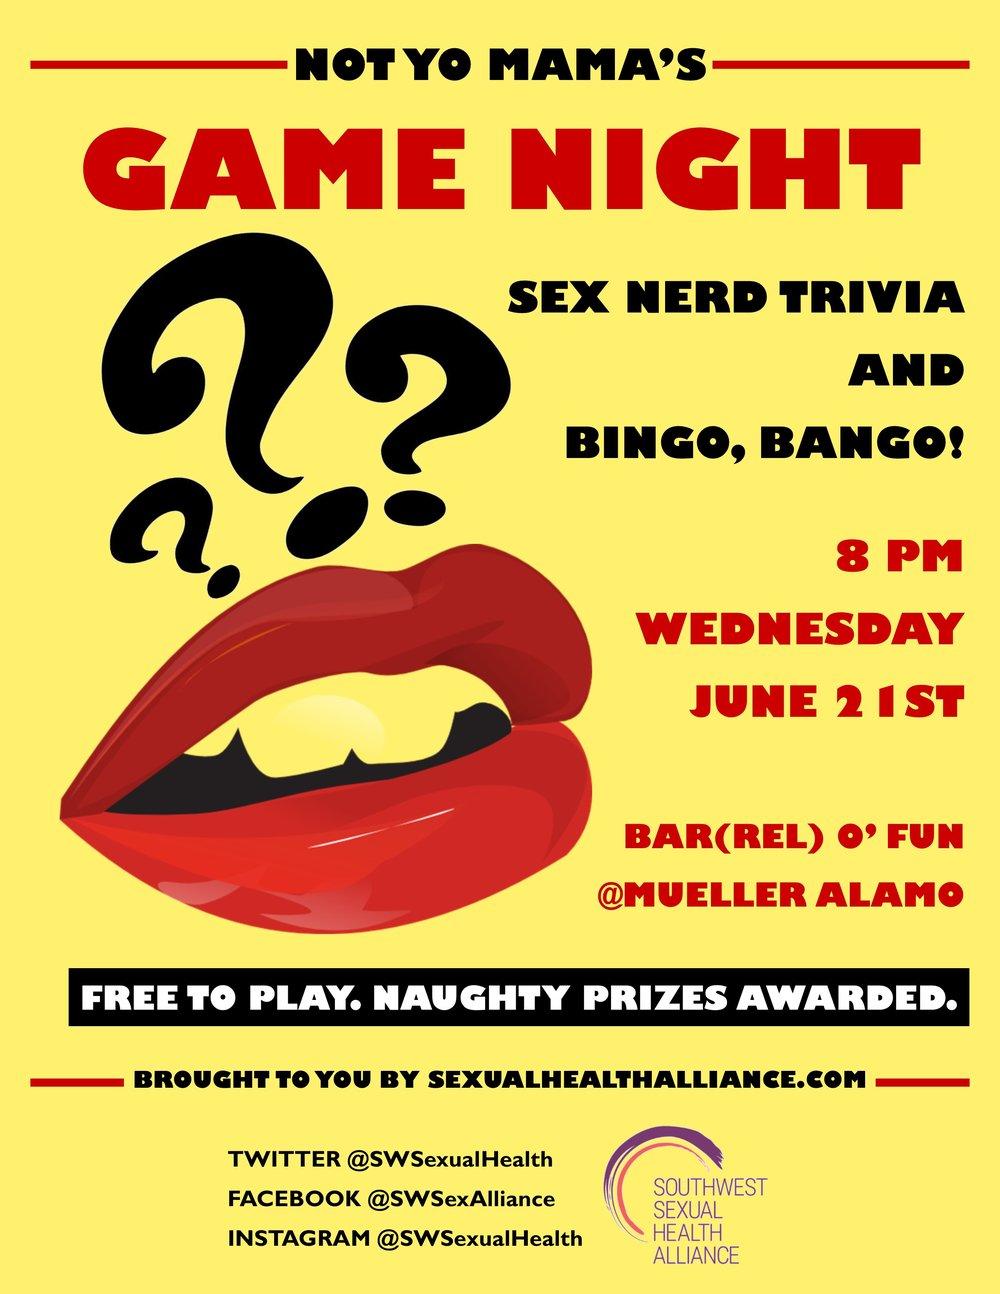 Wednesday night sex